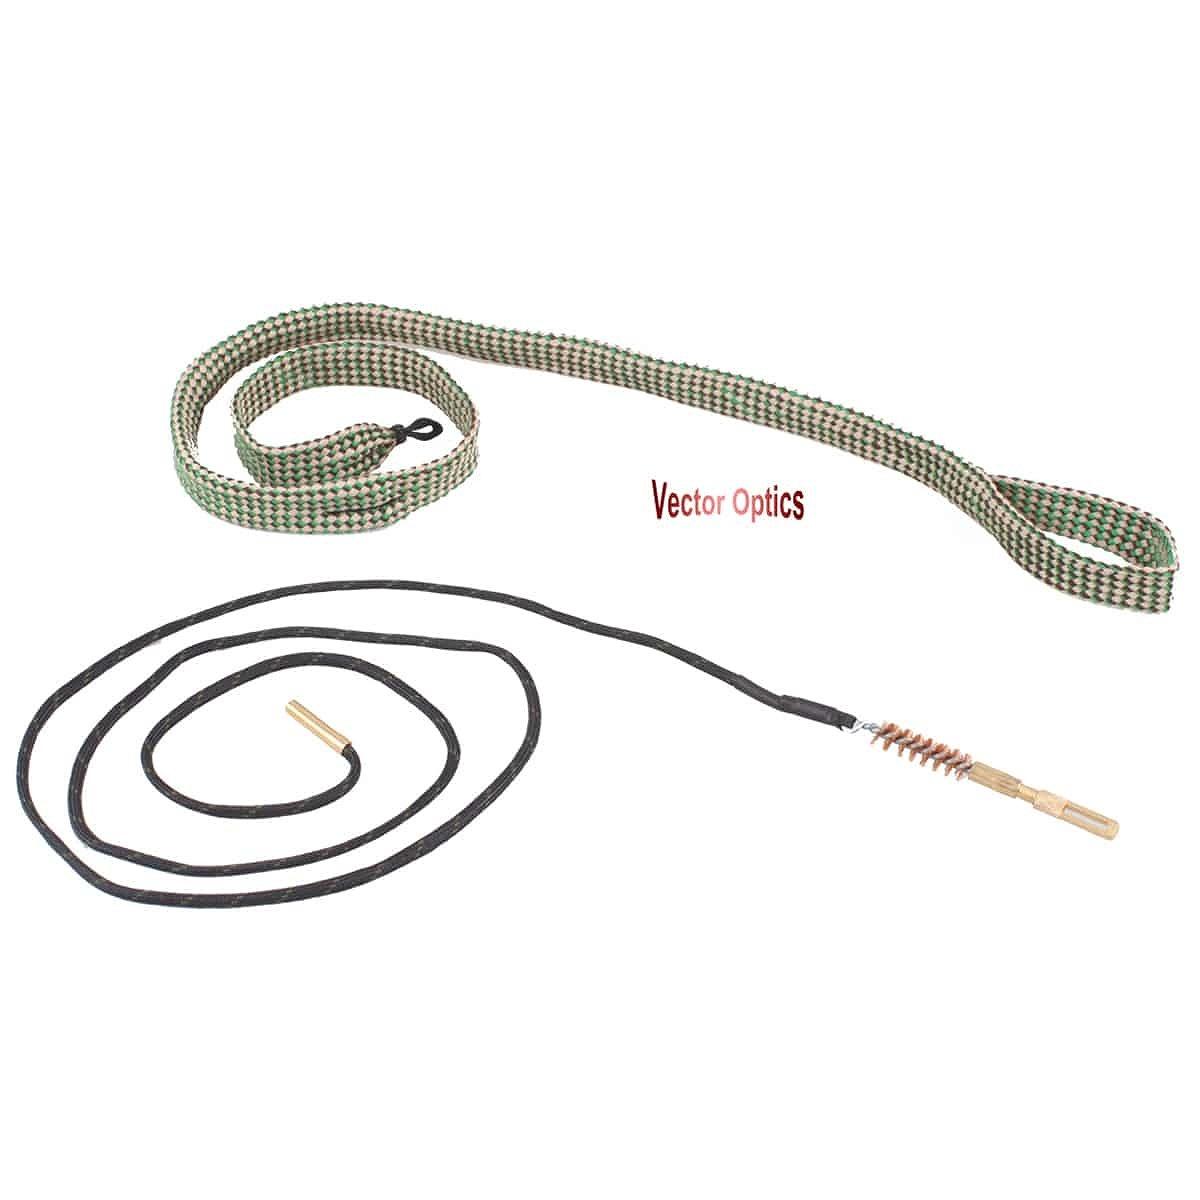 ベクターオプティクス  .308 / 7.62 Snake RopeBore Cleaning Kit  Vector Optics SCCK-03